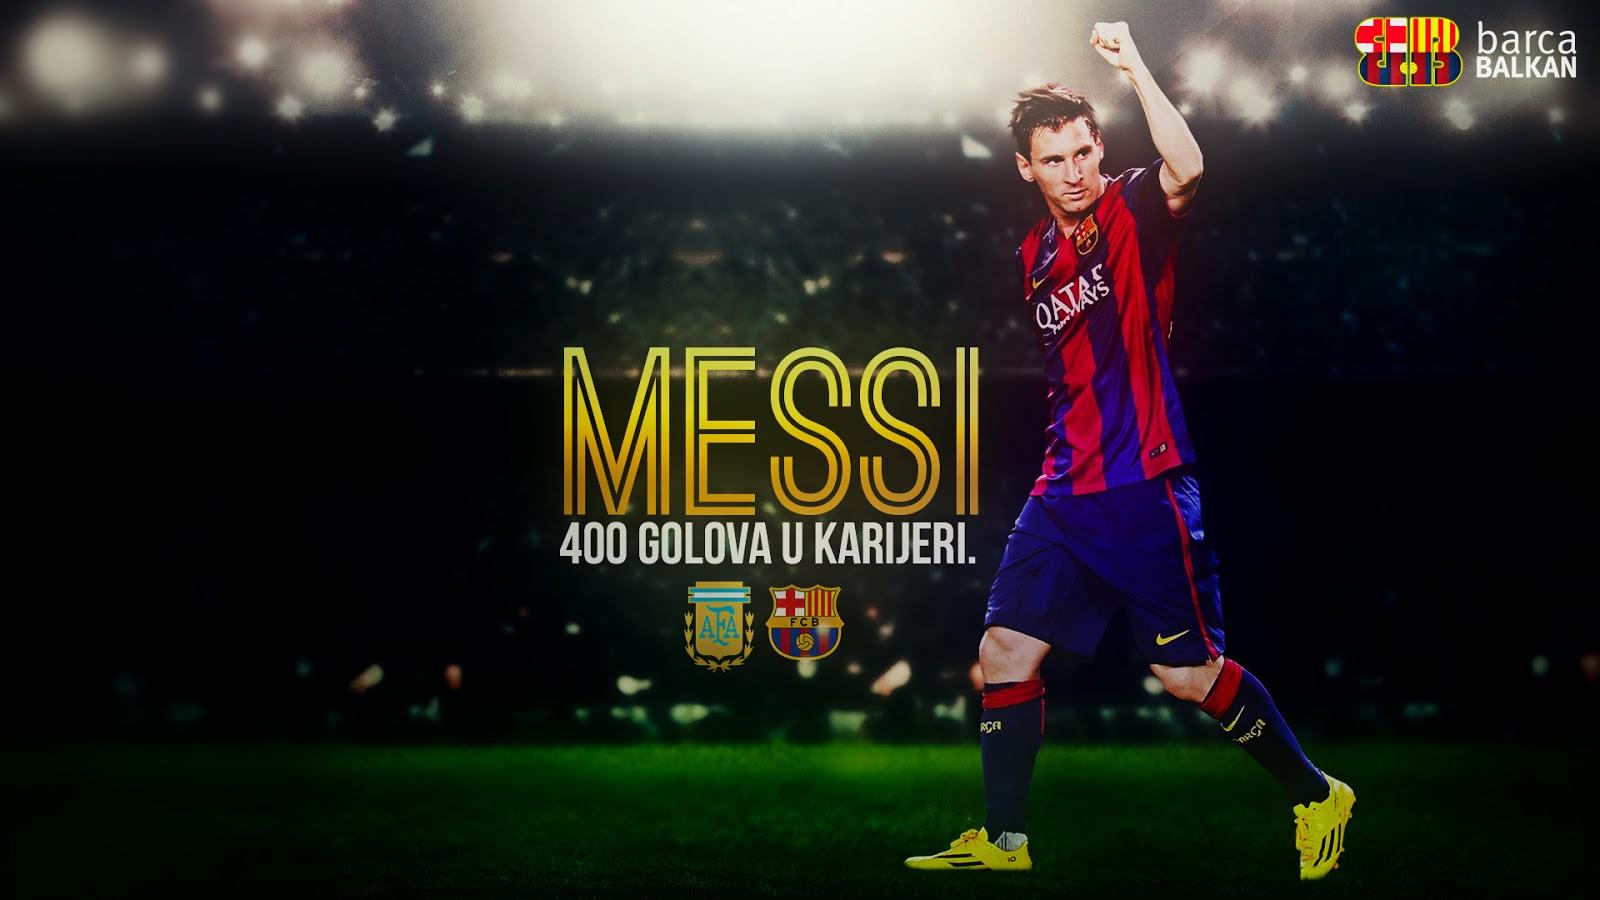 Foto dan Wallpaper Lionel Messi Terbaru 2015